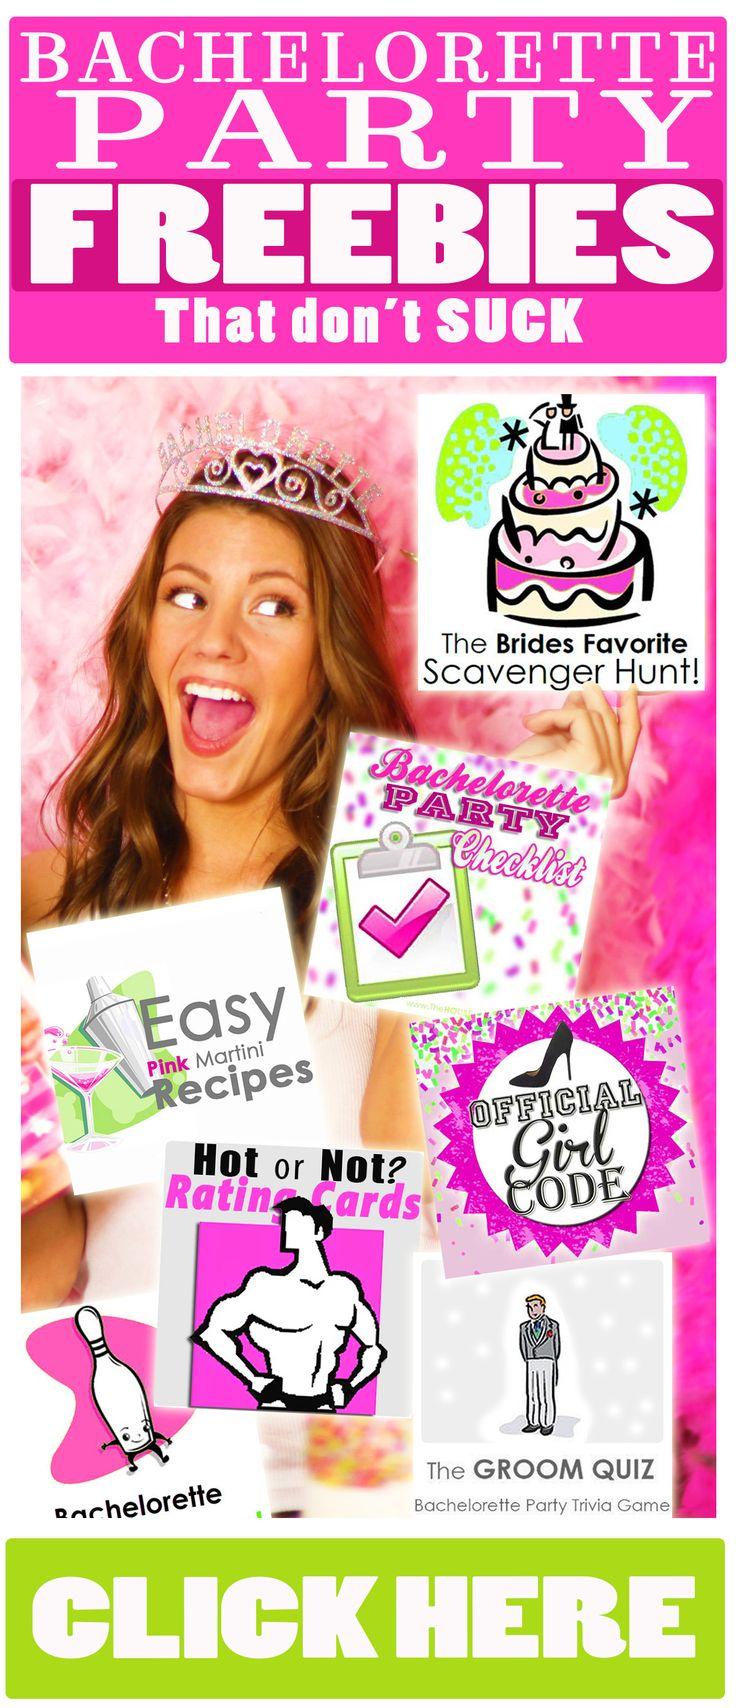 17 Best ideas about Bachelorette Party Checklist on Pinterest ...